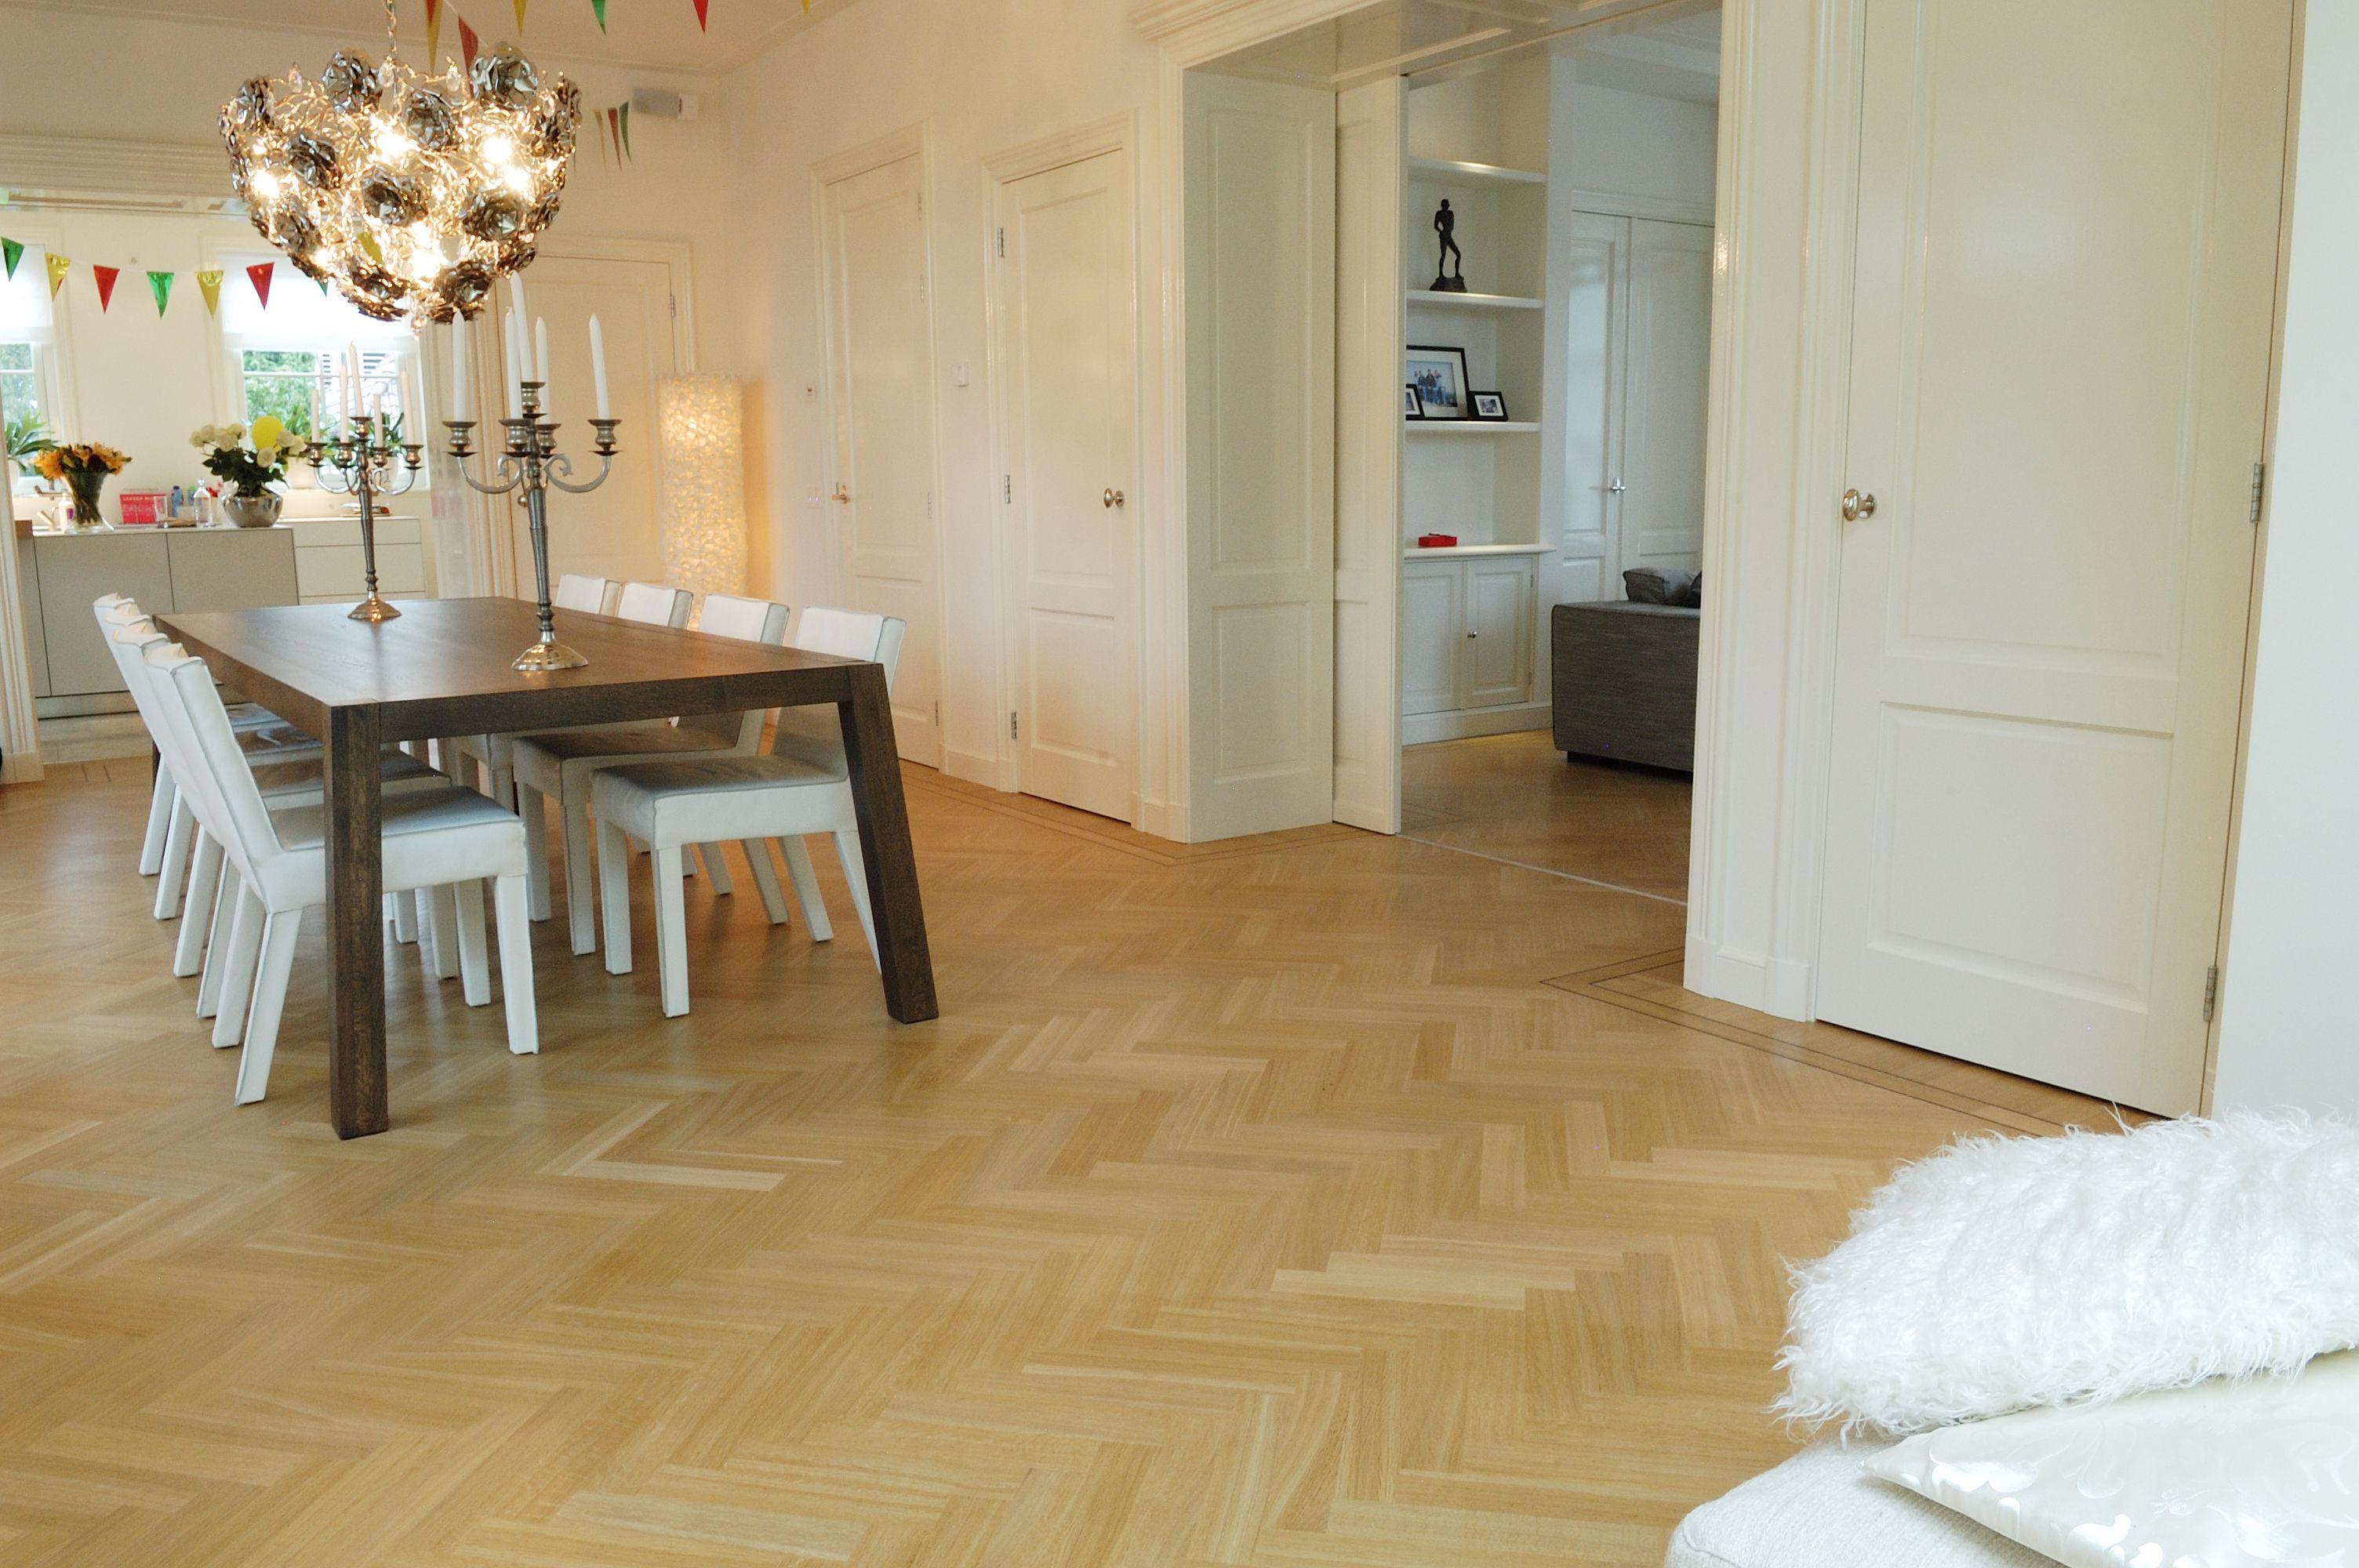 Visgraat vloer duurzaam en voordelig martijn de wit vloeren